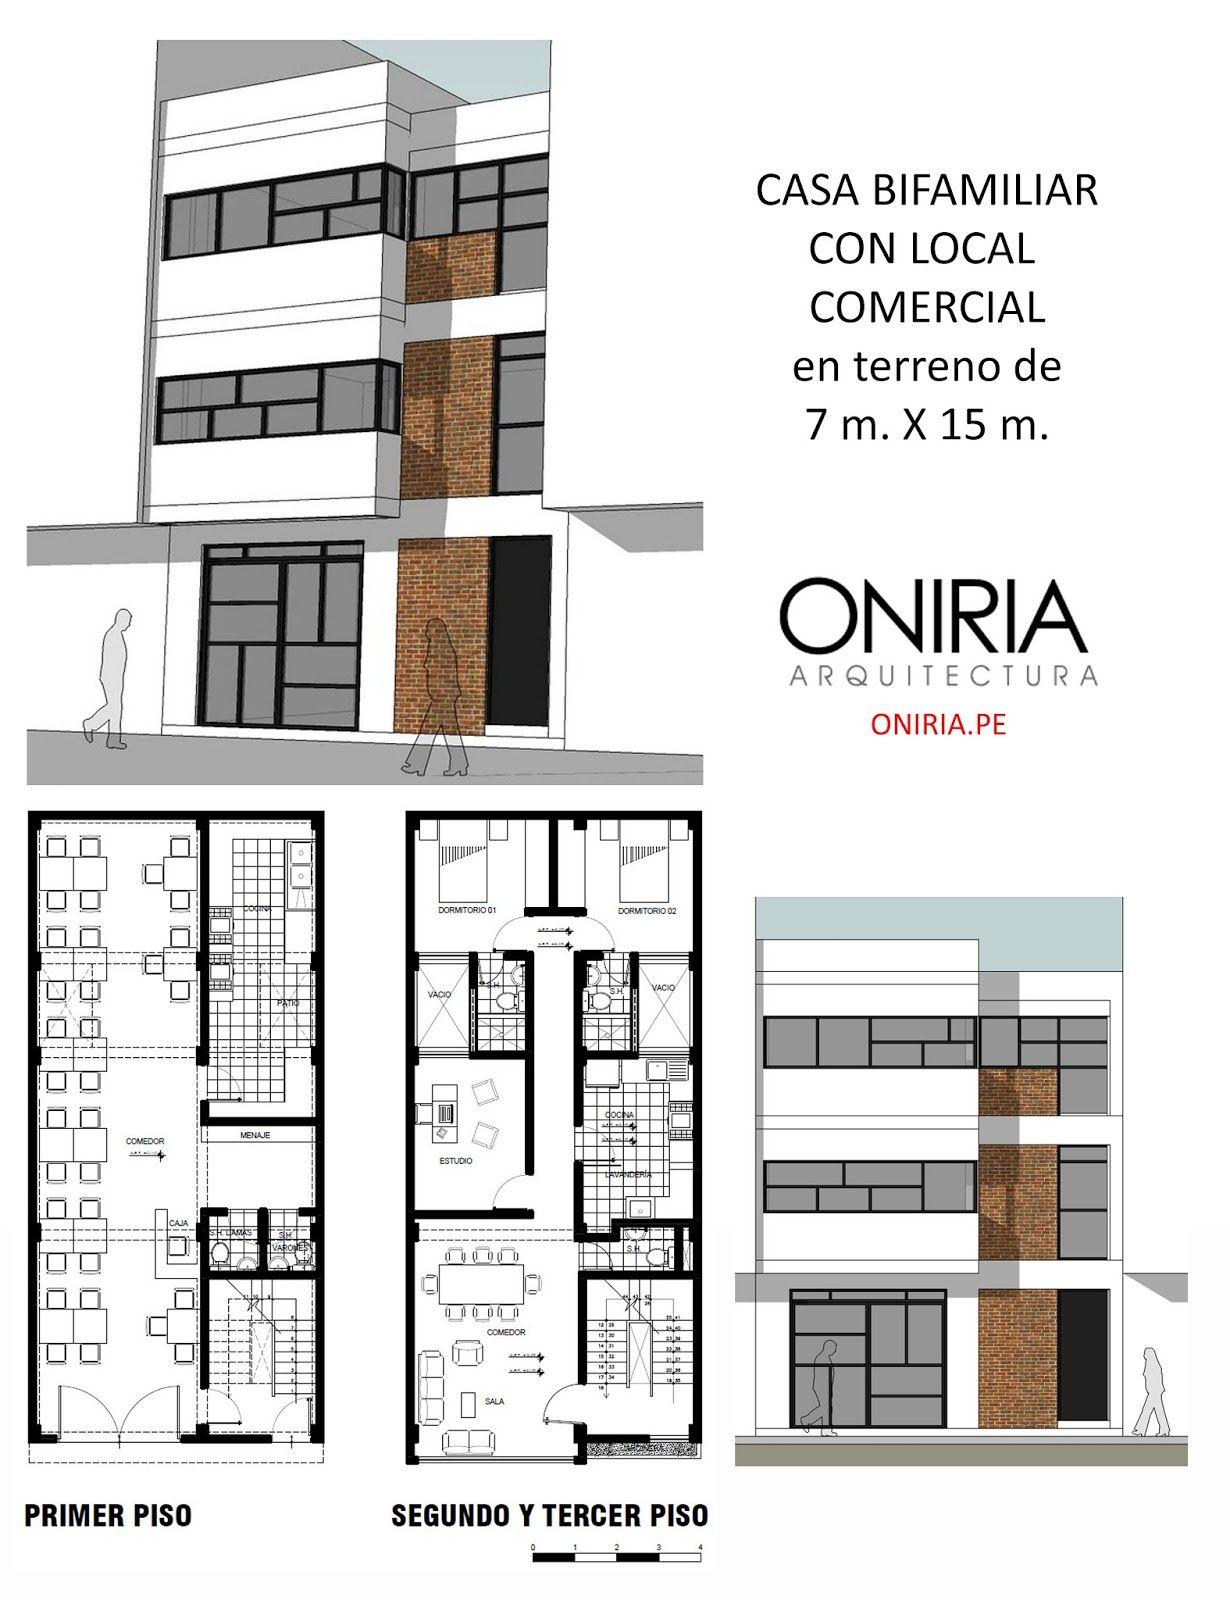 Cristian campos interiores y distribuci n casas for Niveles en planos arquitectonicos